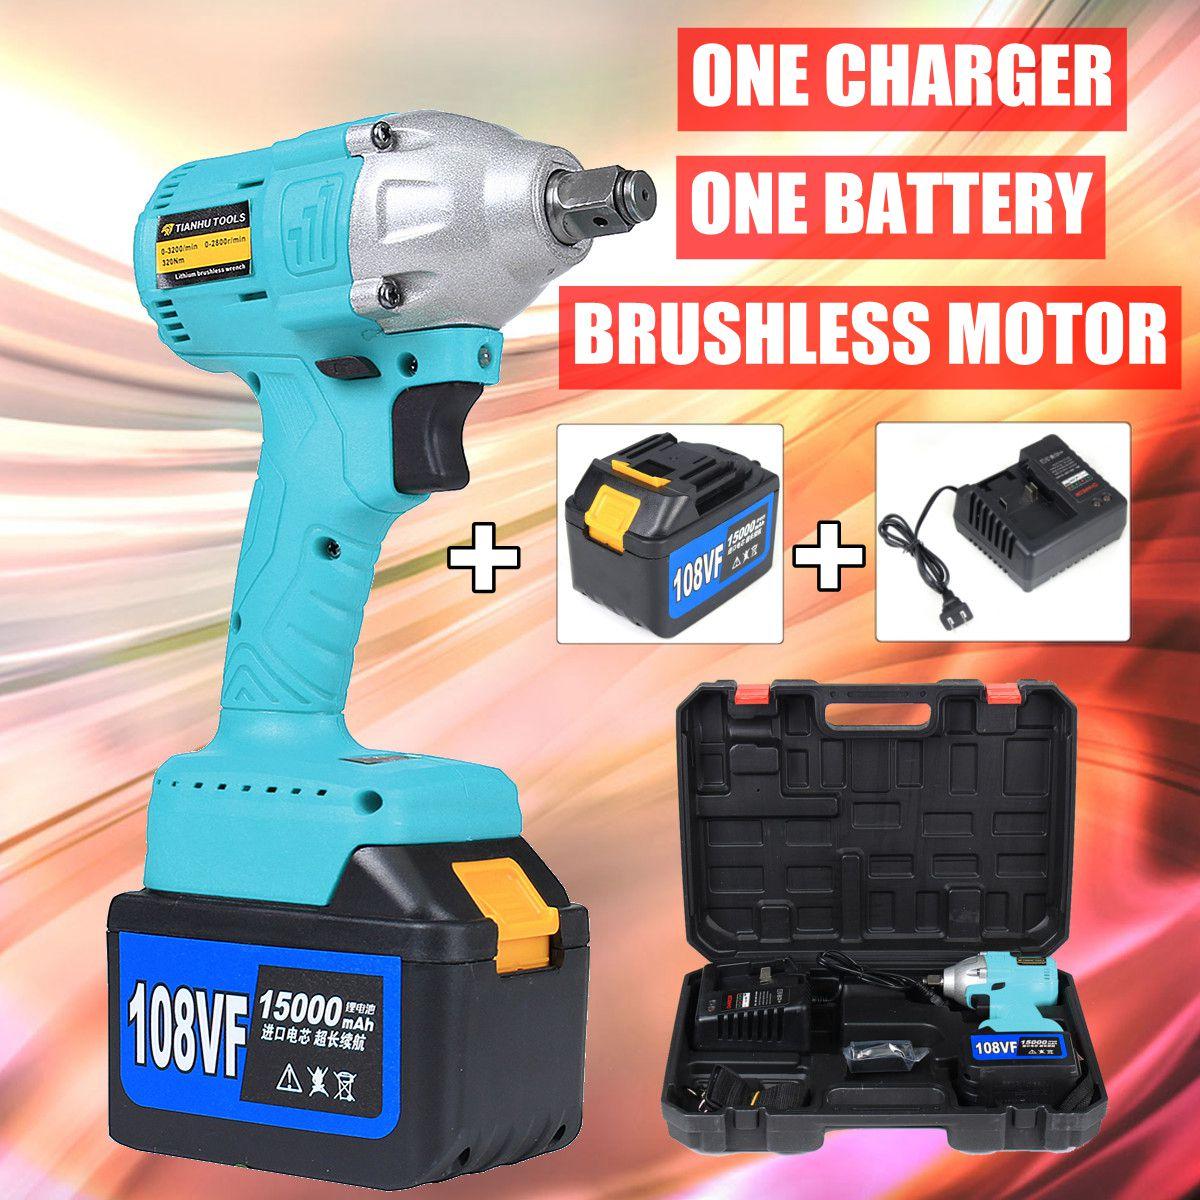 108 v Clé À Chocs Sans Fil 1/2 Rechargeable 15000 mah Batterie Au Lithium 320Nm Brushless Électrique Clé